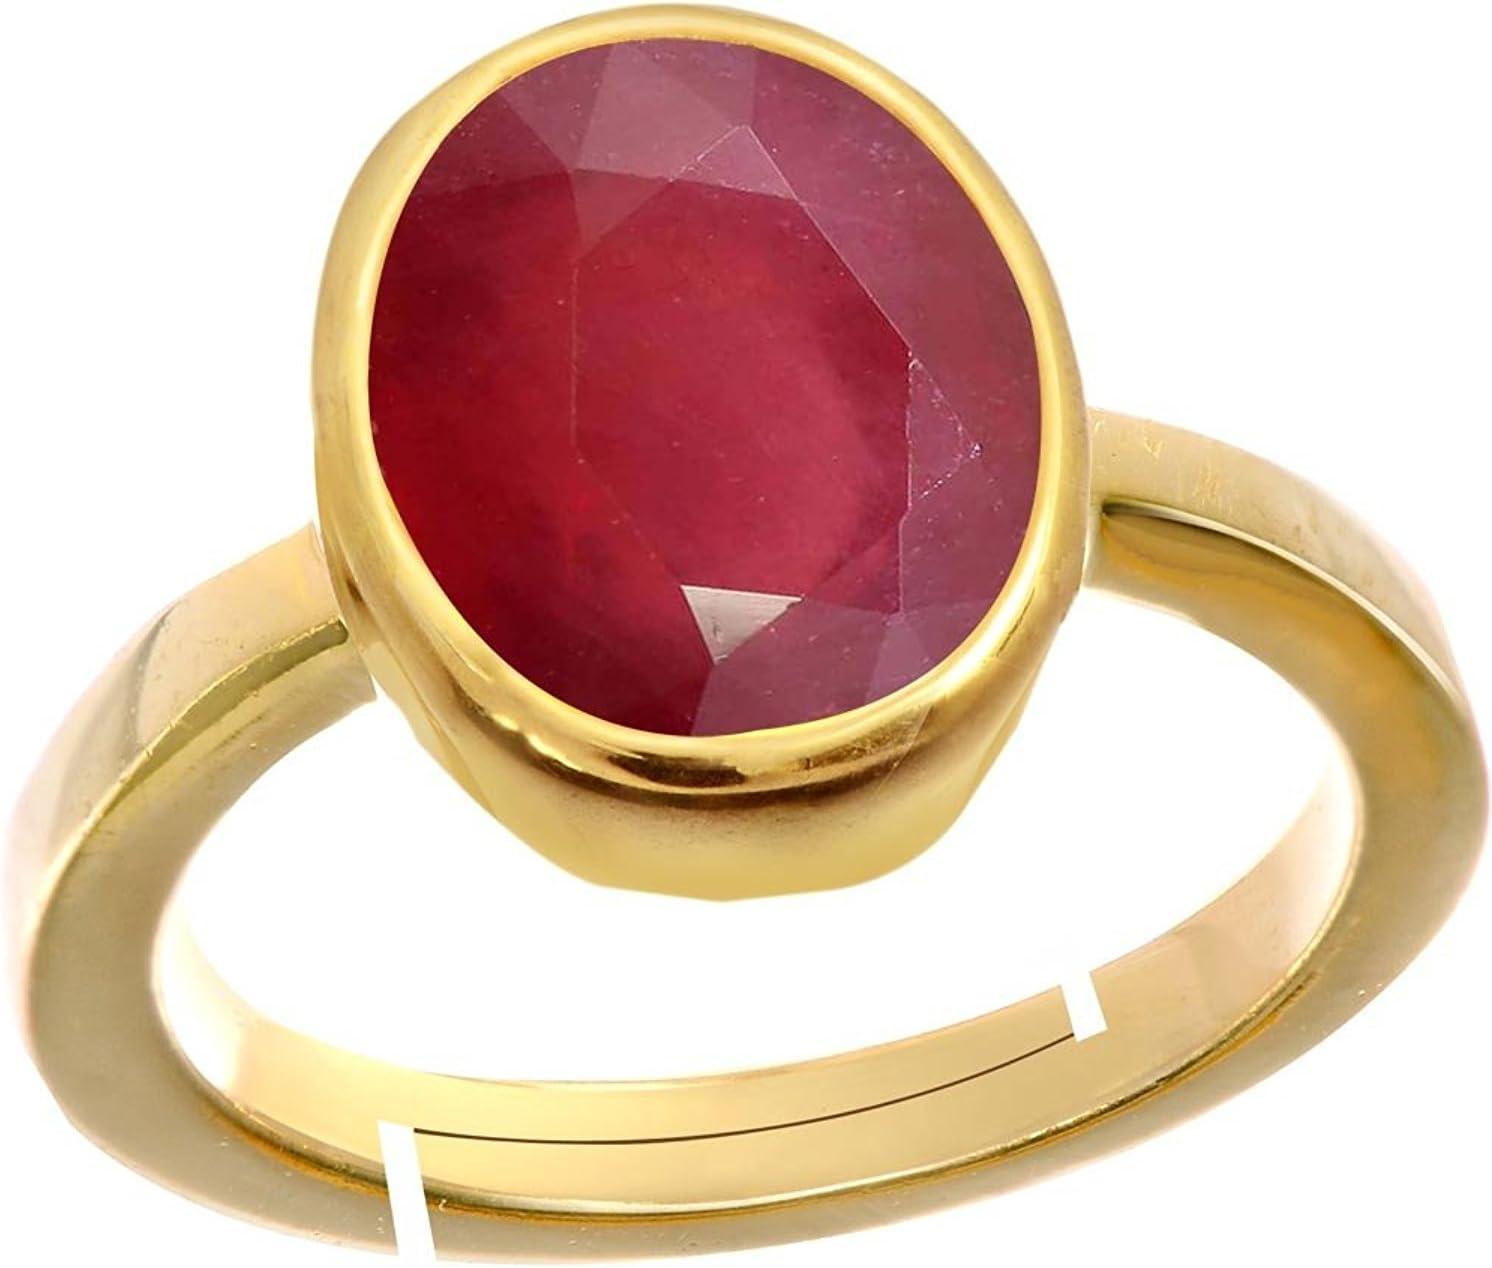 GEMS HUB Ruby//Manik Stone Panchdhatu Adjustable Ring for Men